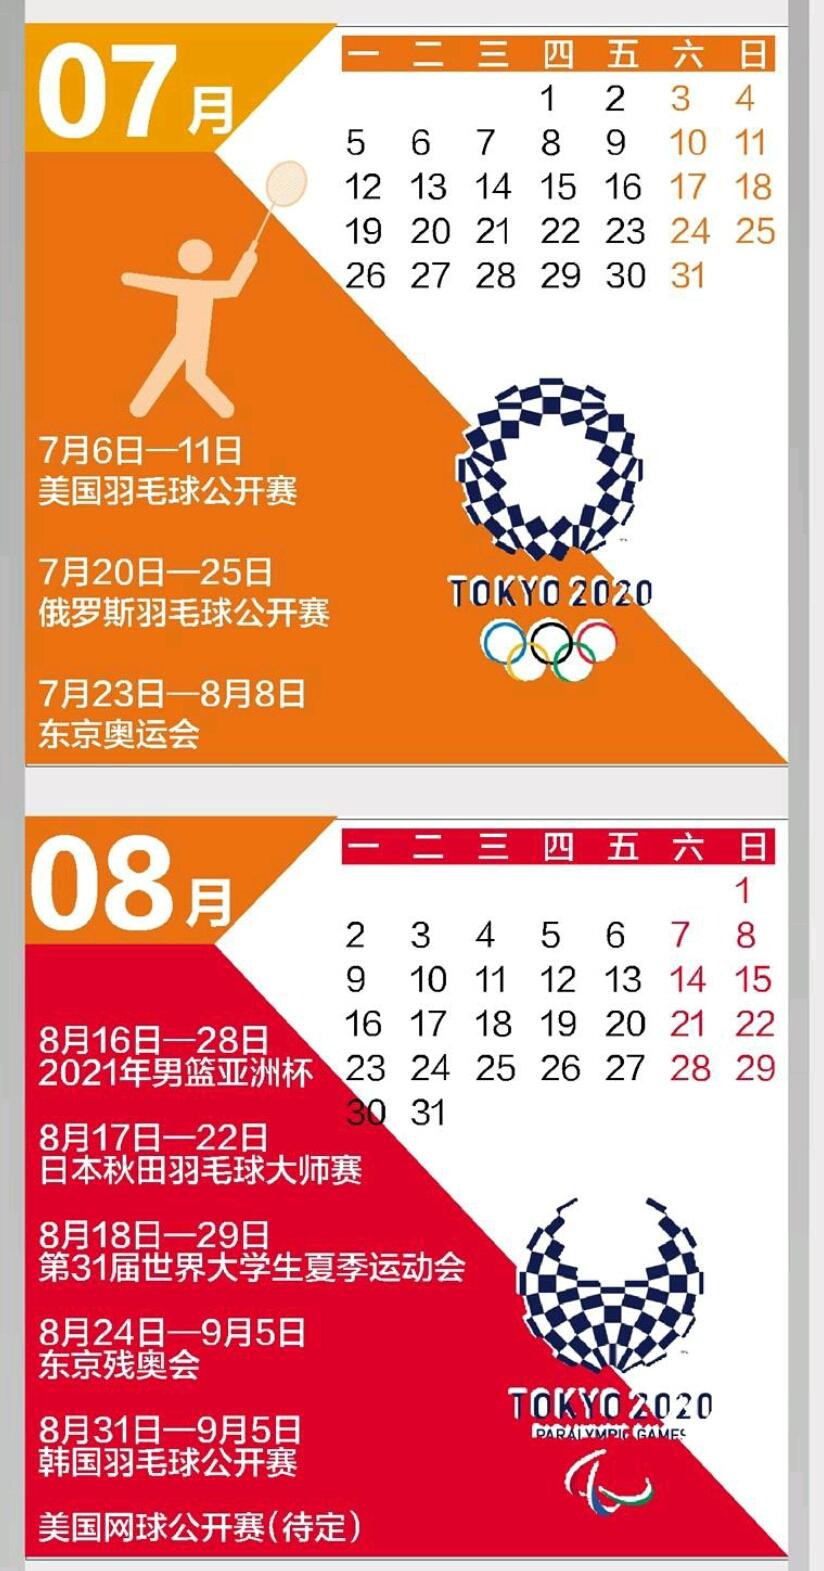 2021年有哪些国际体育赛事举办?